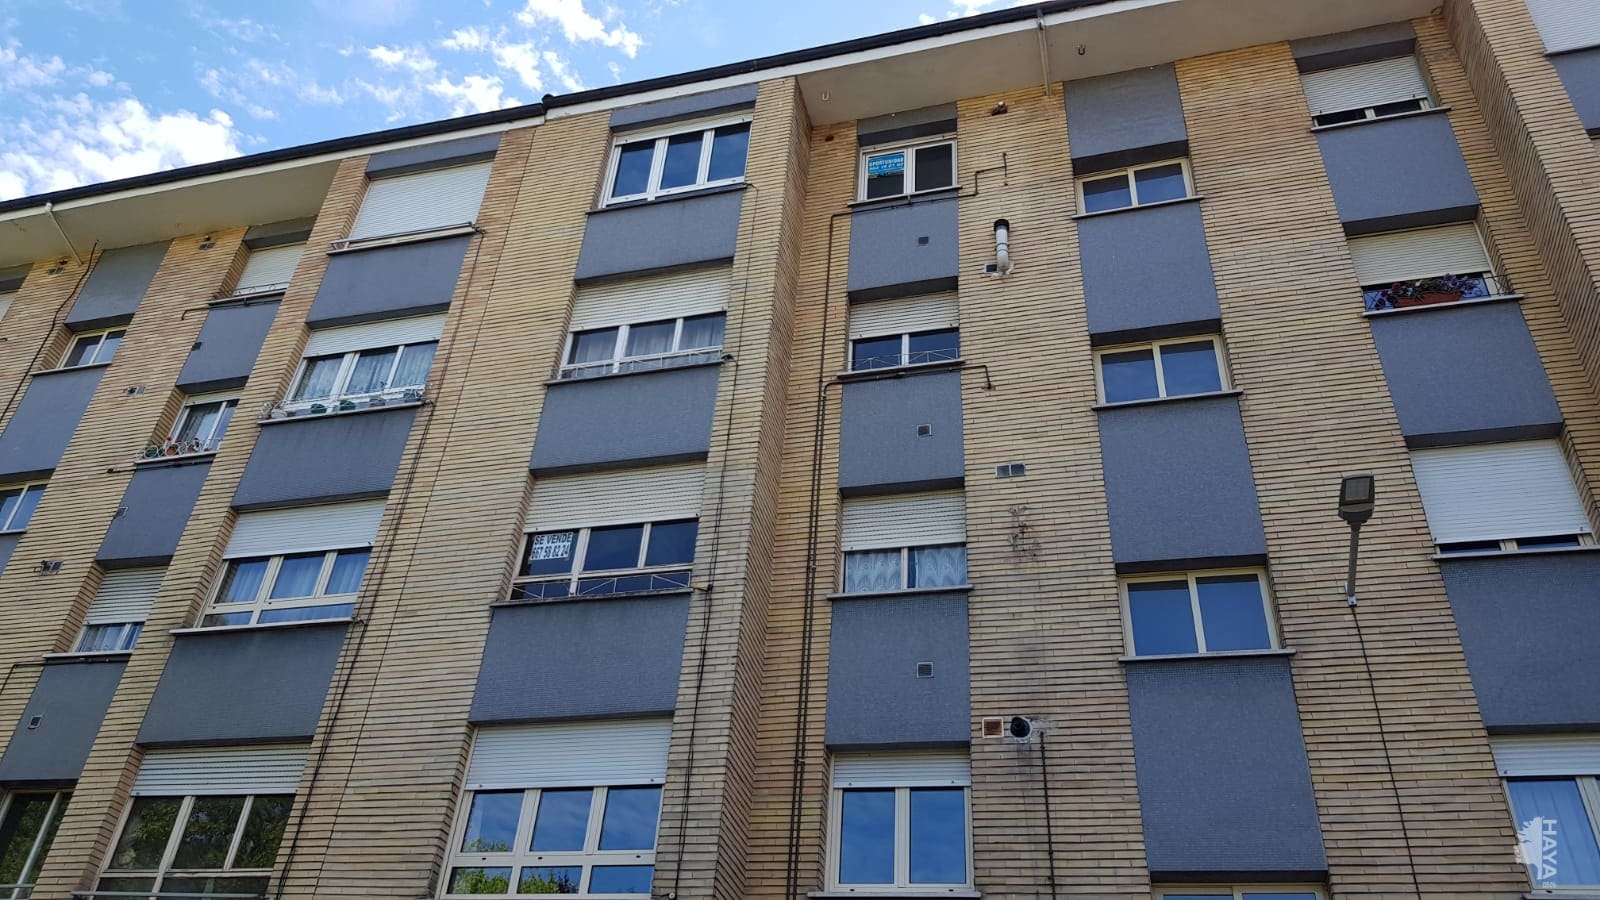 Piso en venta en Siero, Asturias, Calle Estacion, 39.911 €, 3 habitaciones, 1 baño, 78 m2